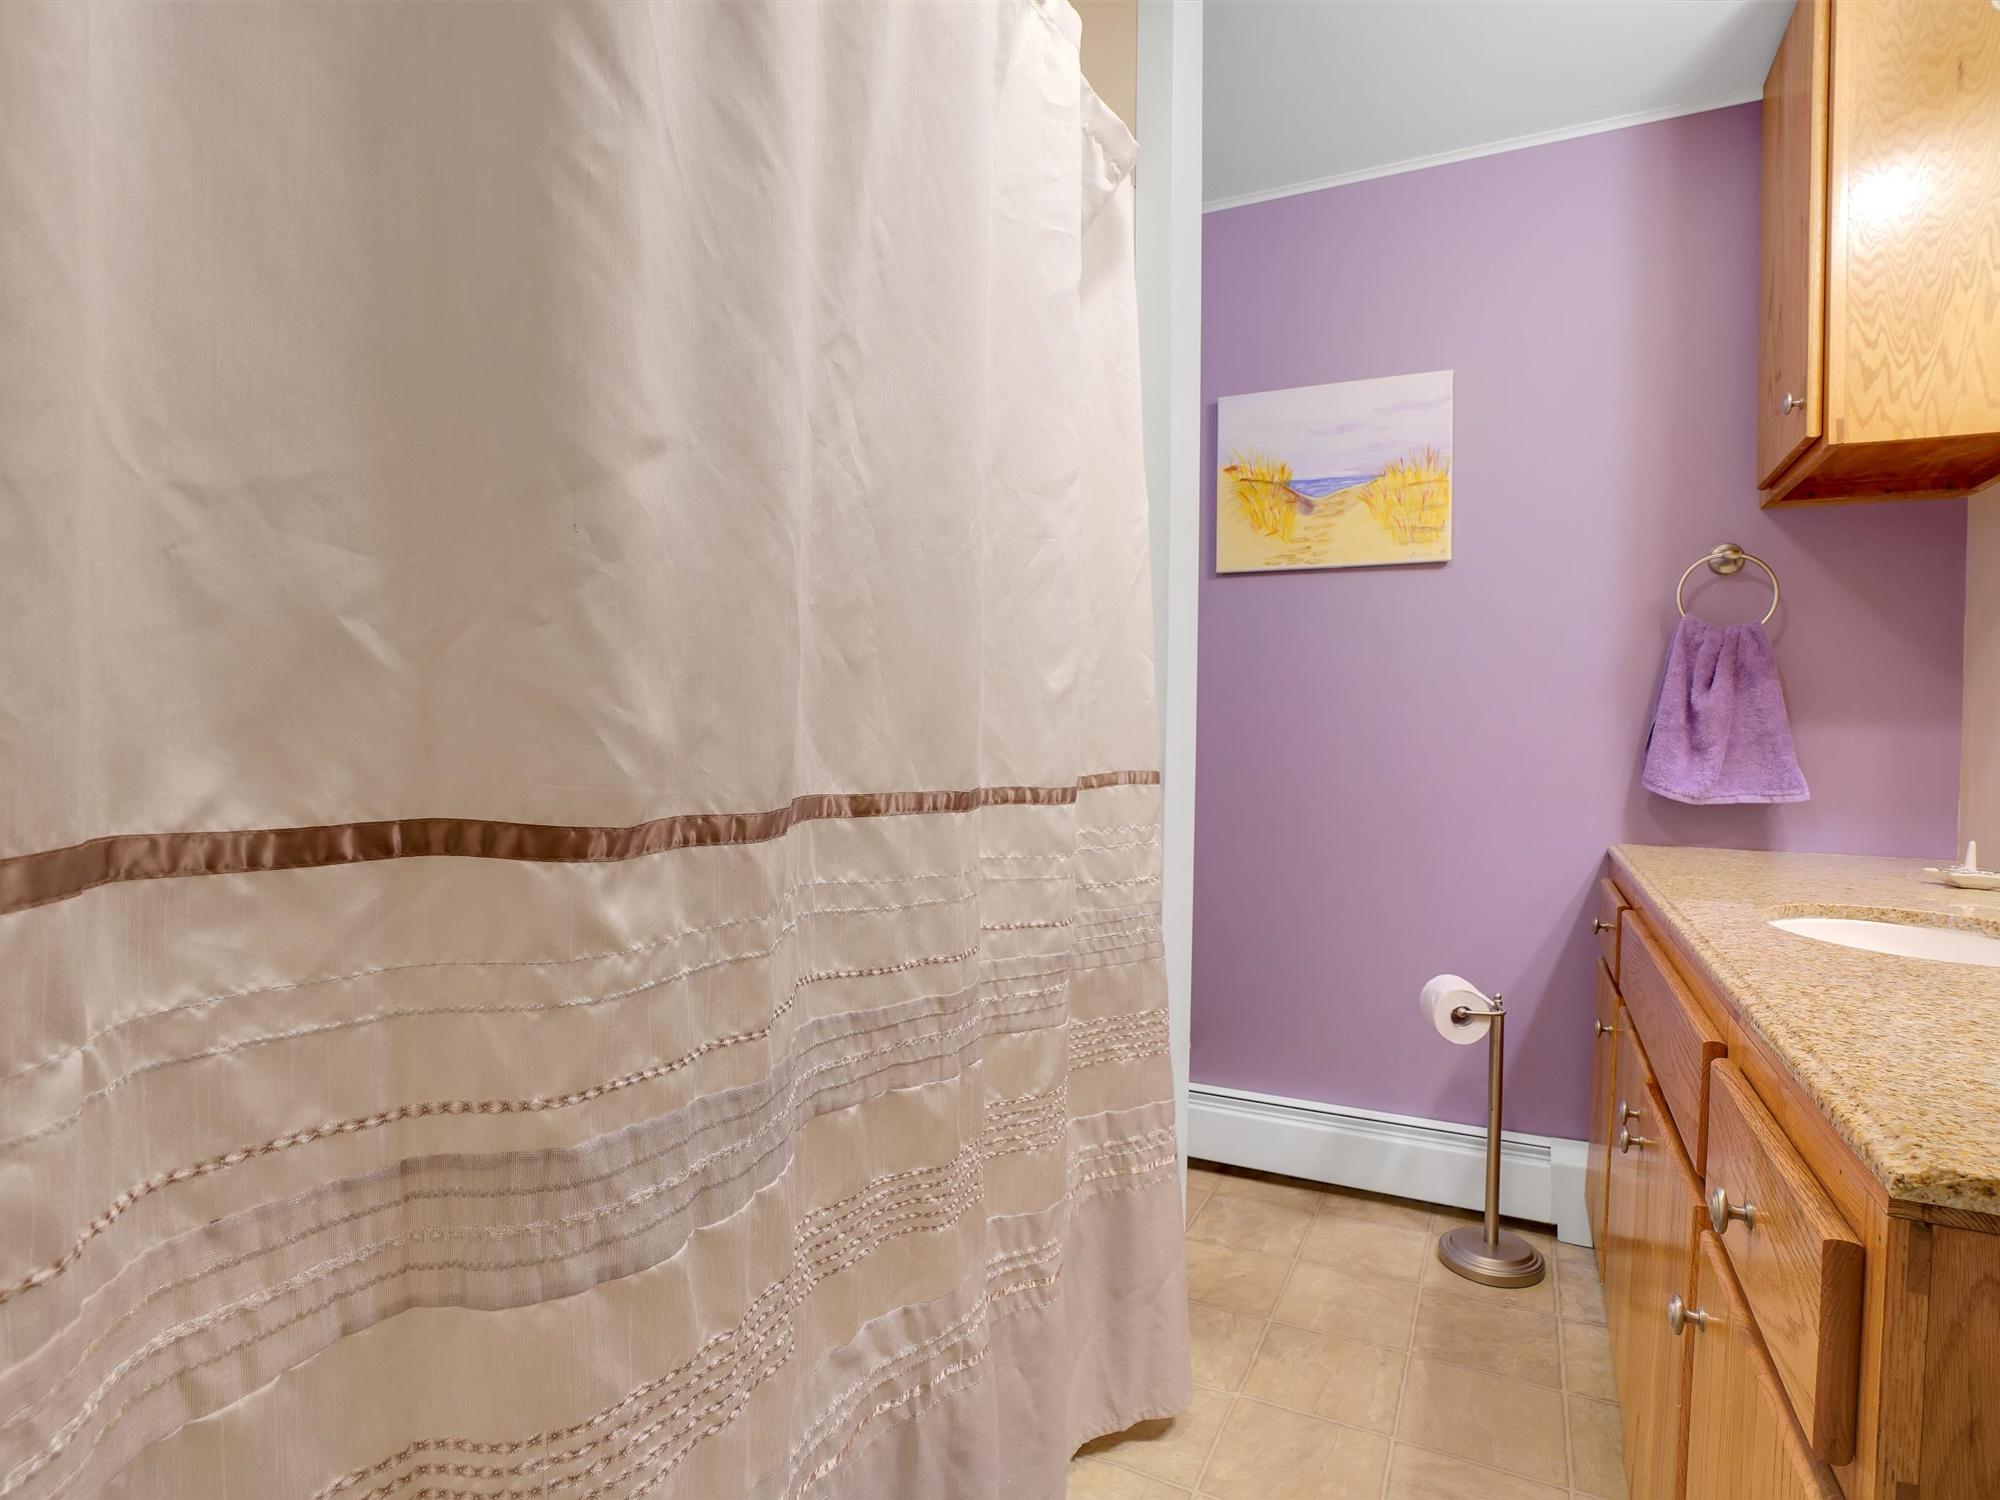 850 Prescott Dr. - Bathroom